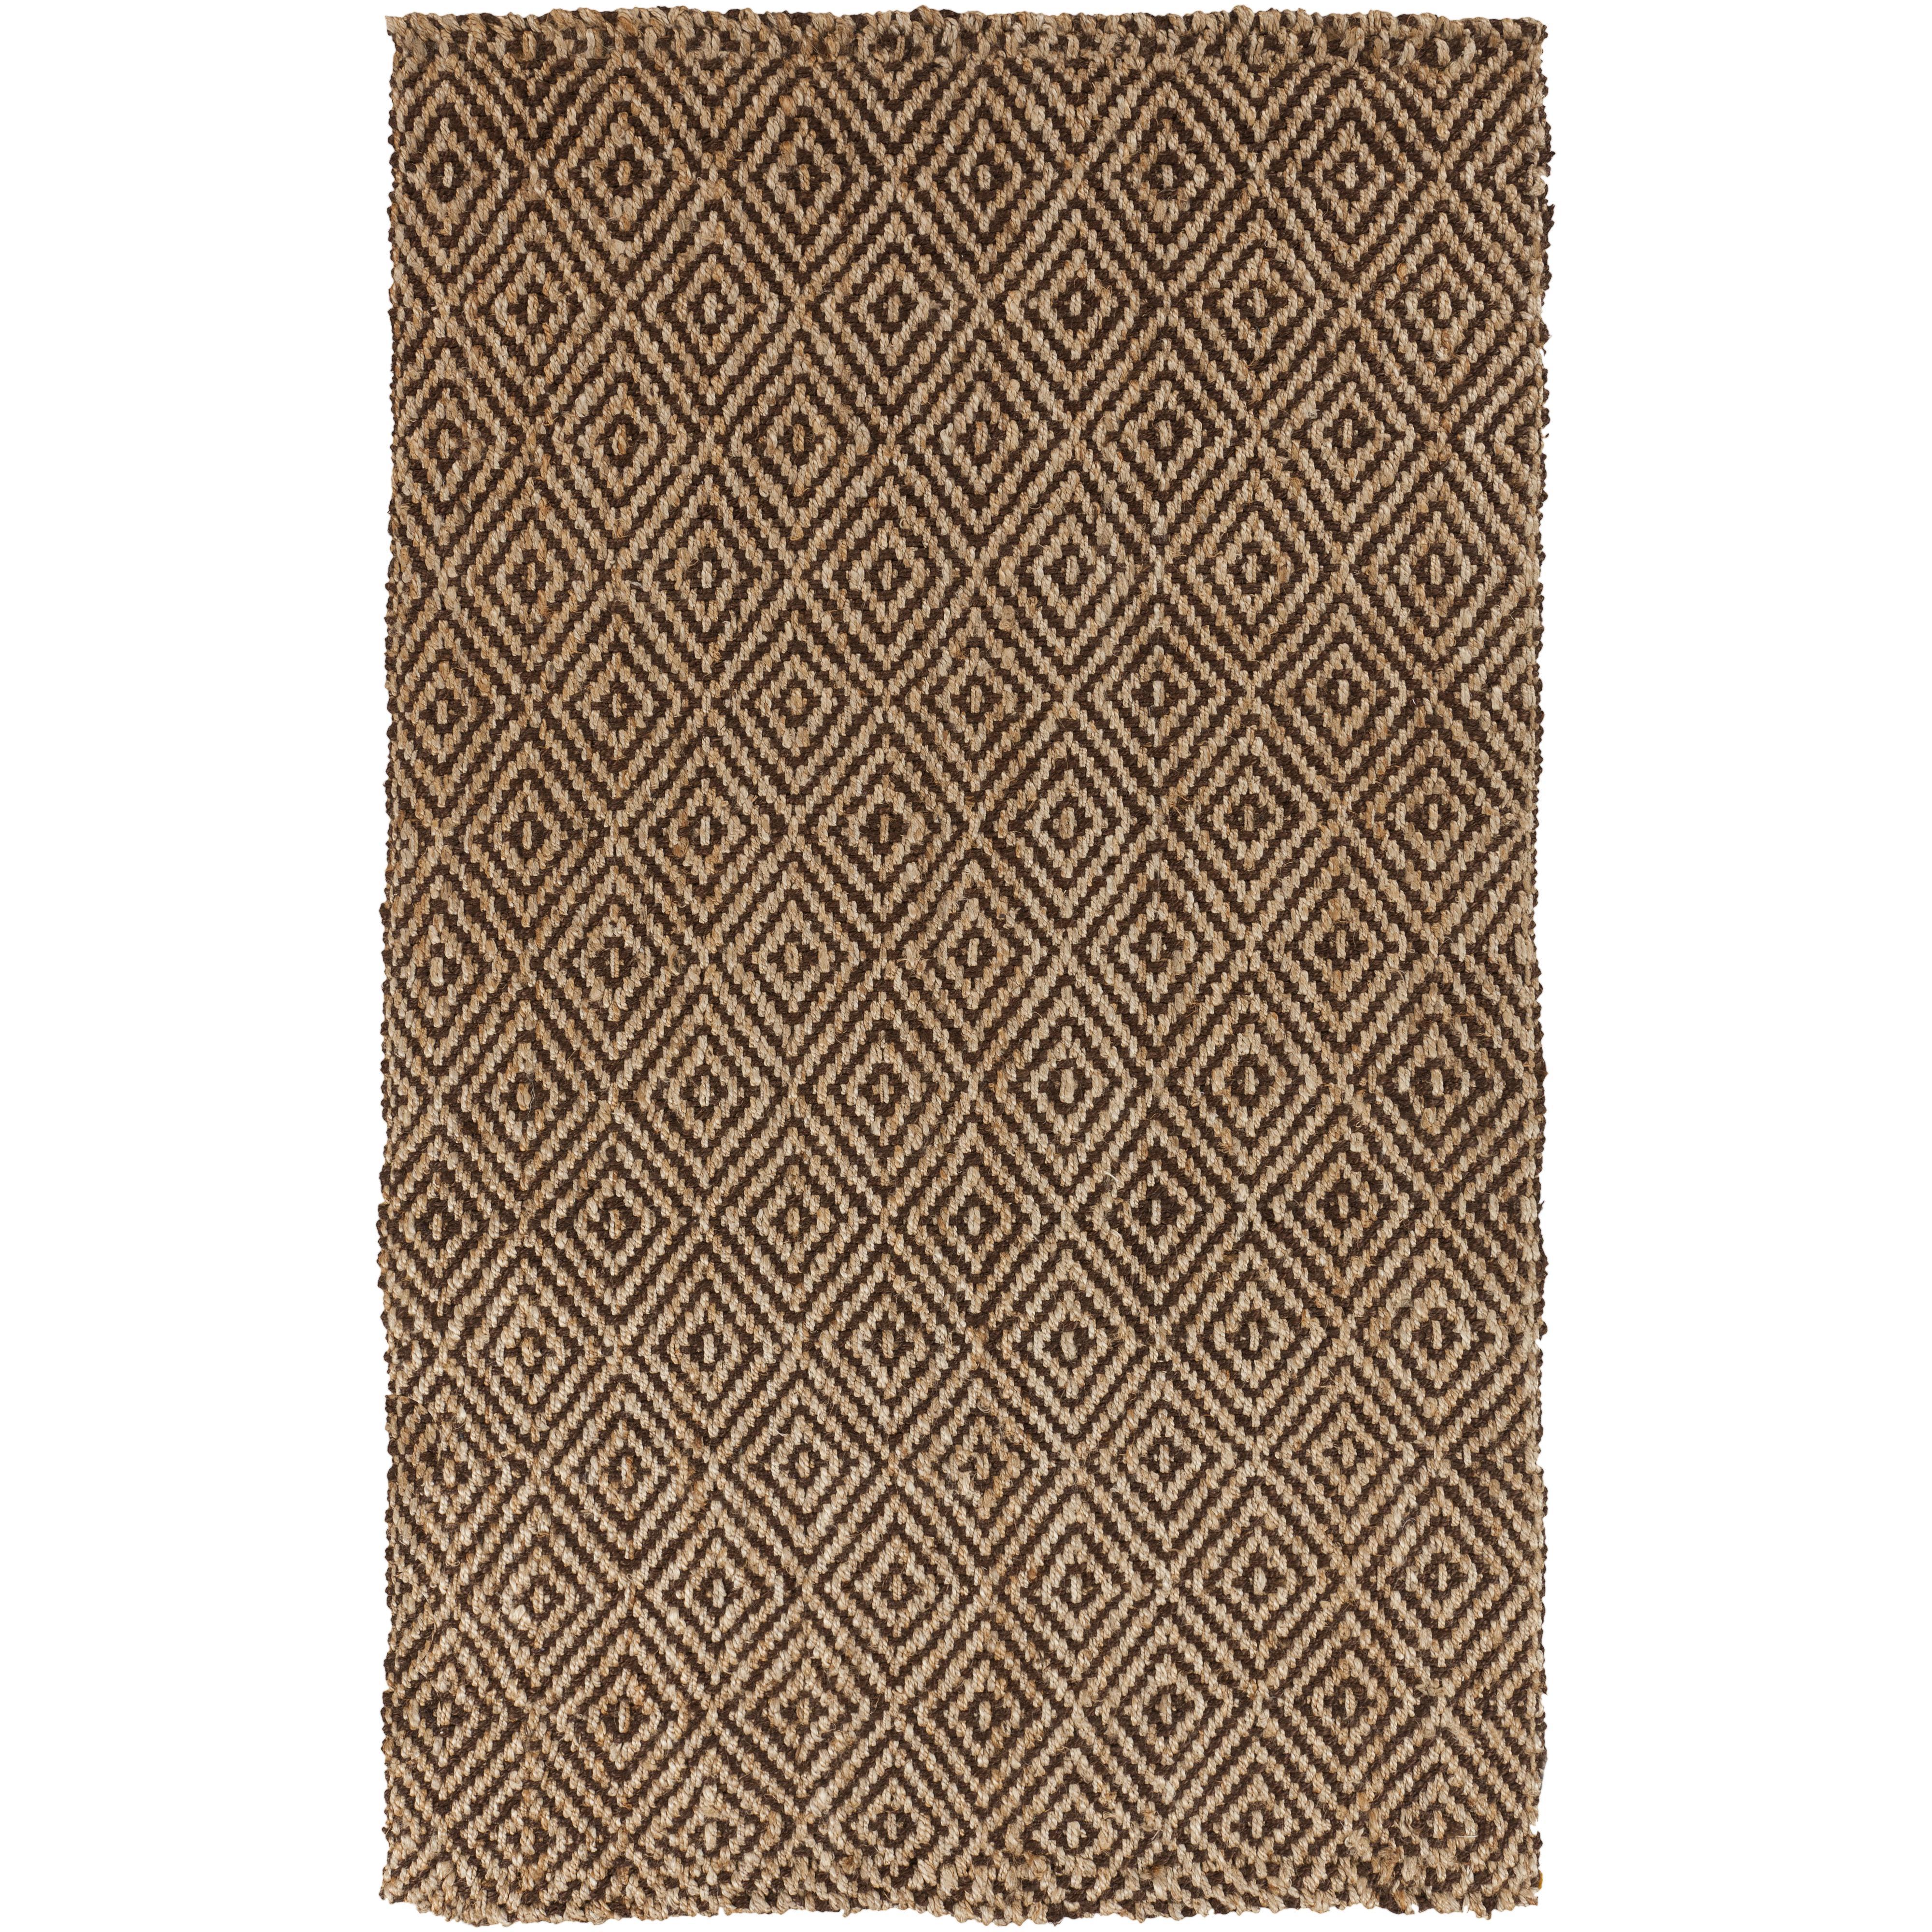 Surya Rugs Reeds 5' x 8' - Item Number: REED806-58